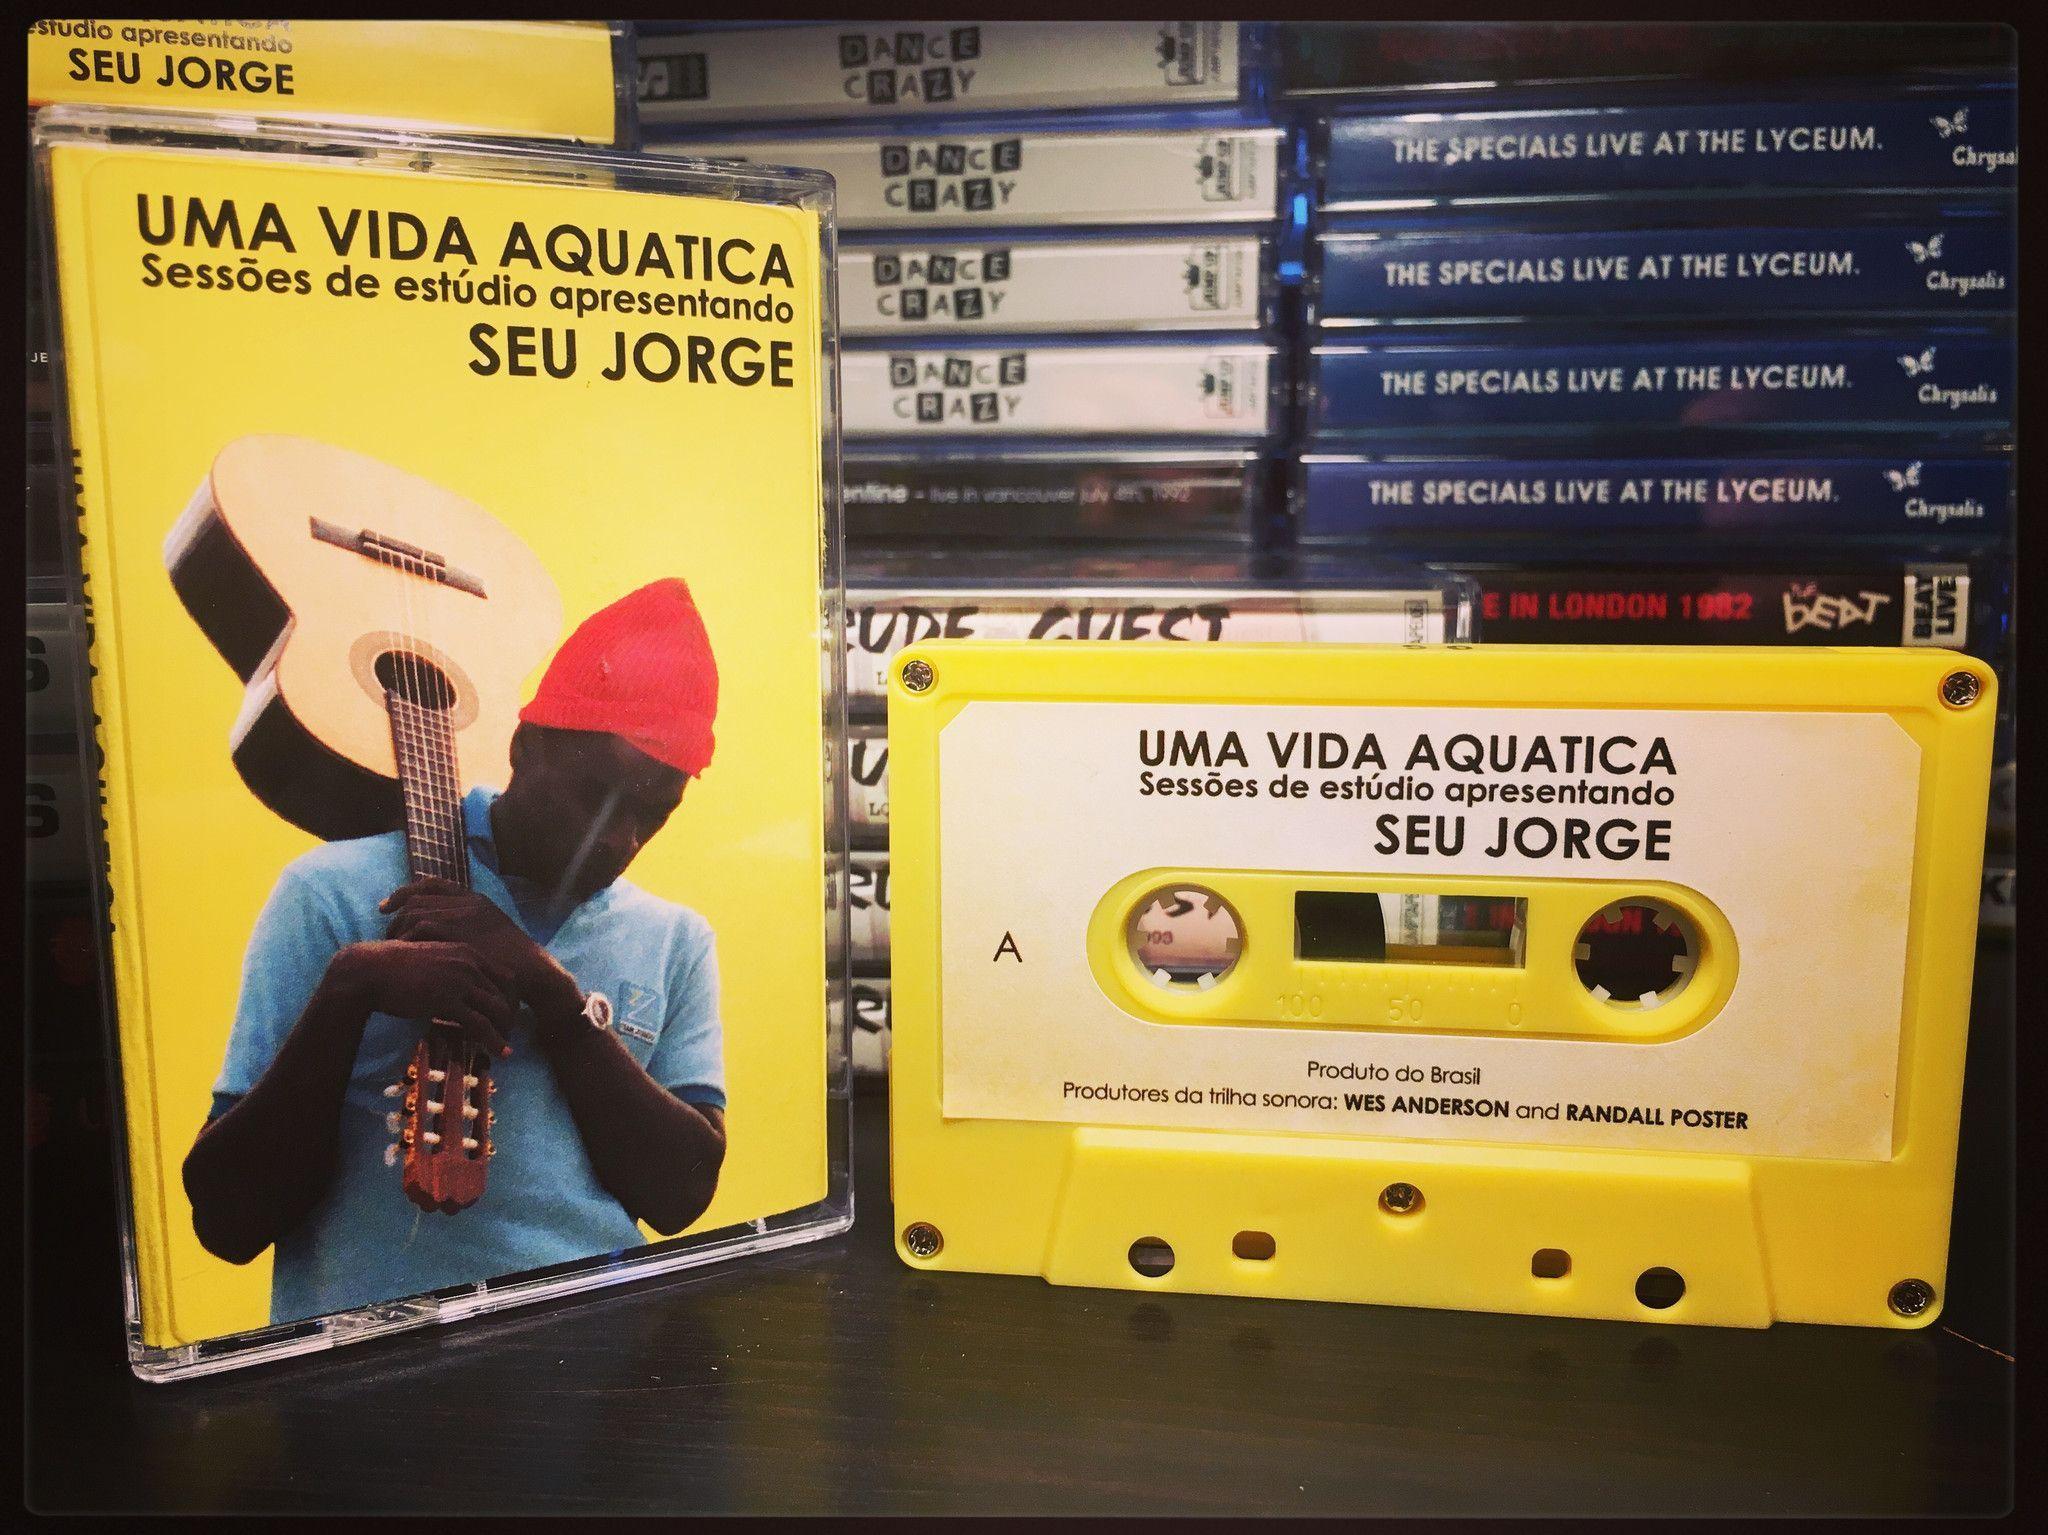 SEU JORGE - uma vida aquatica (the life aquatic) - CASSETTE TAPE soundtrack bowie (import)